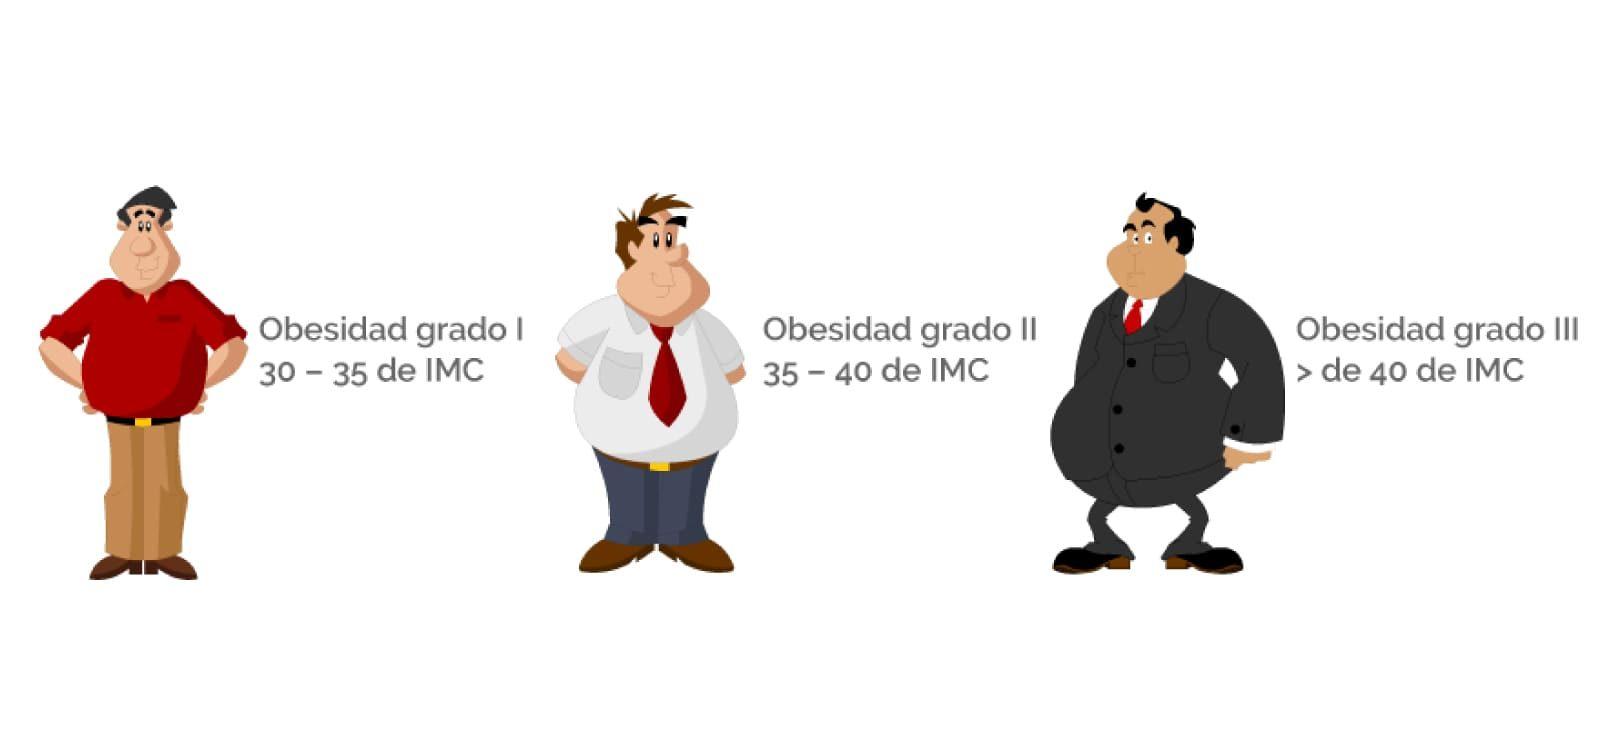 Grados de obesidad y sus consecuencias en la salud